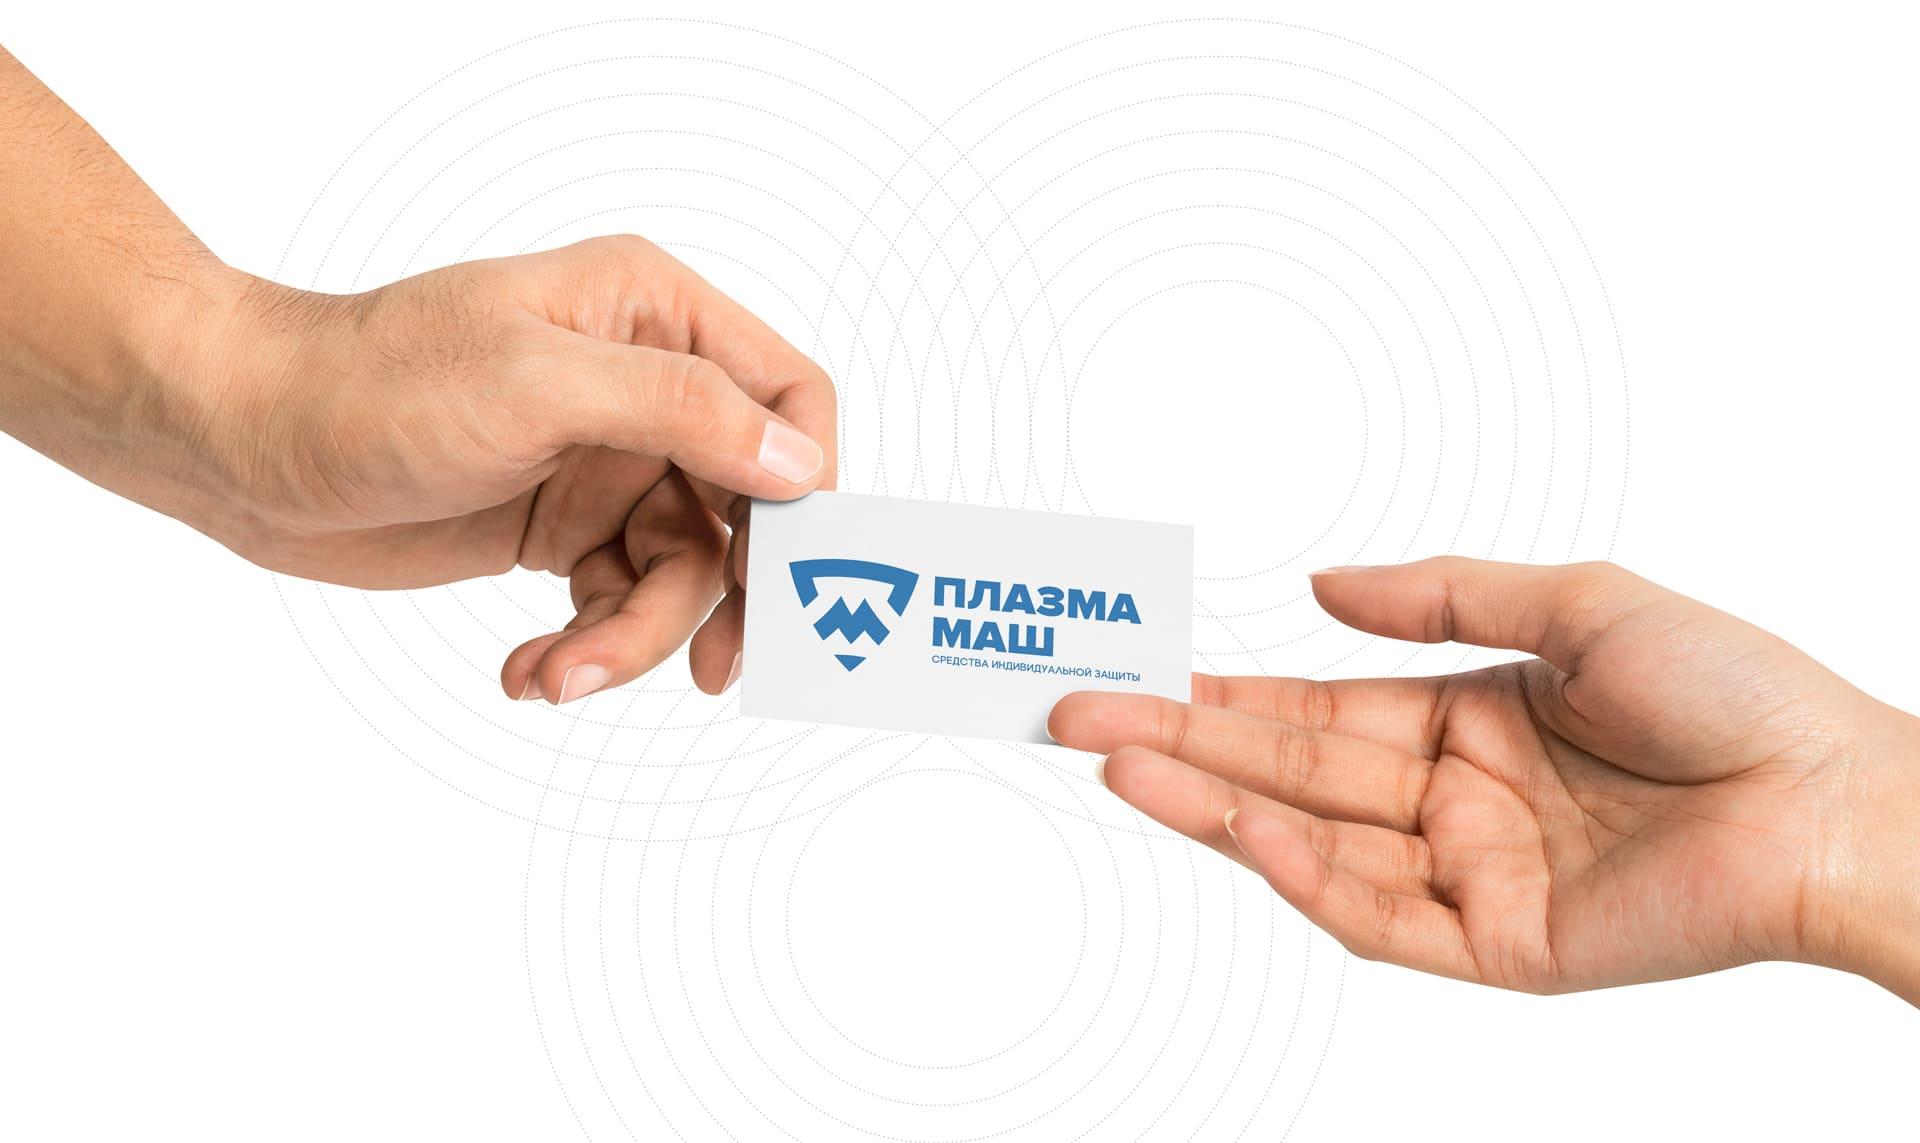 логотип дистрибьютора средств индивидуальной защиты на визитке